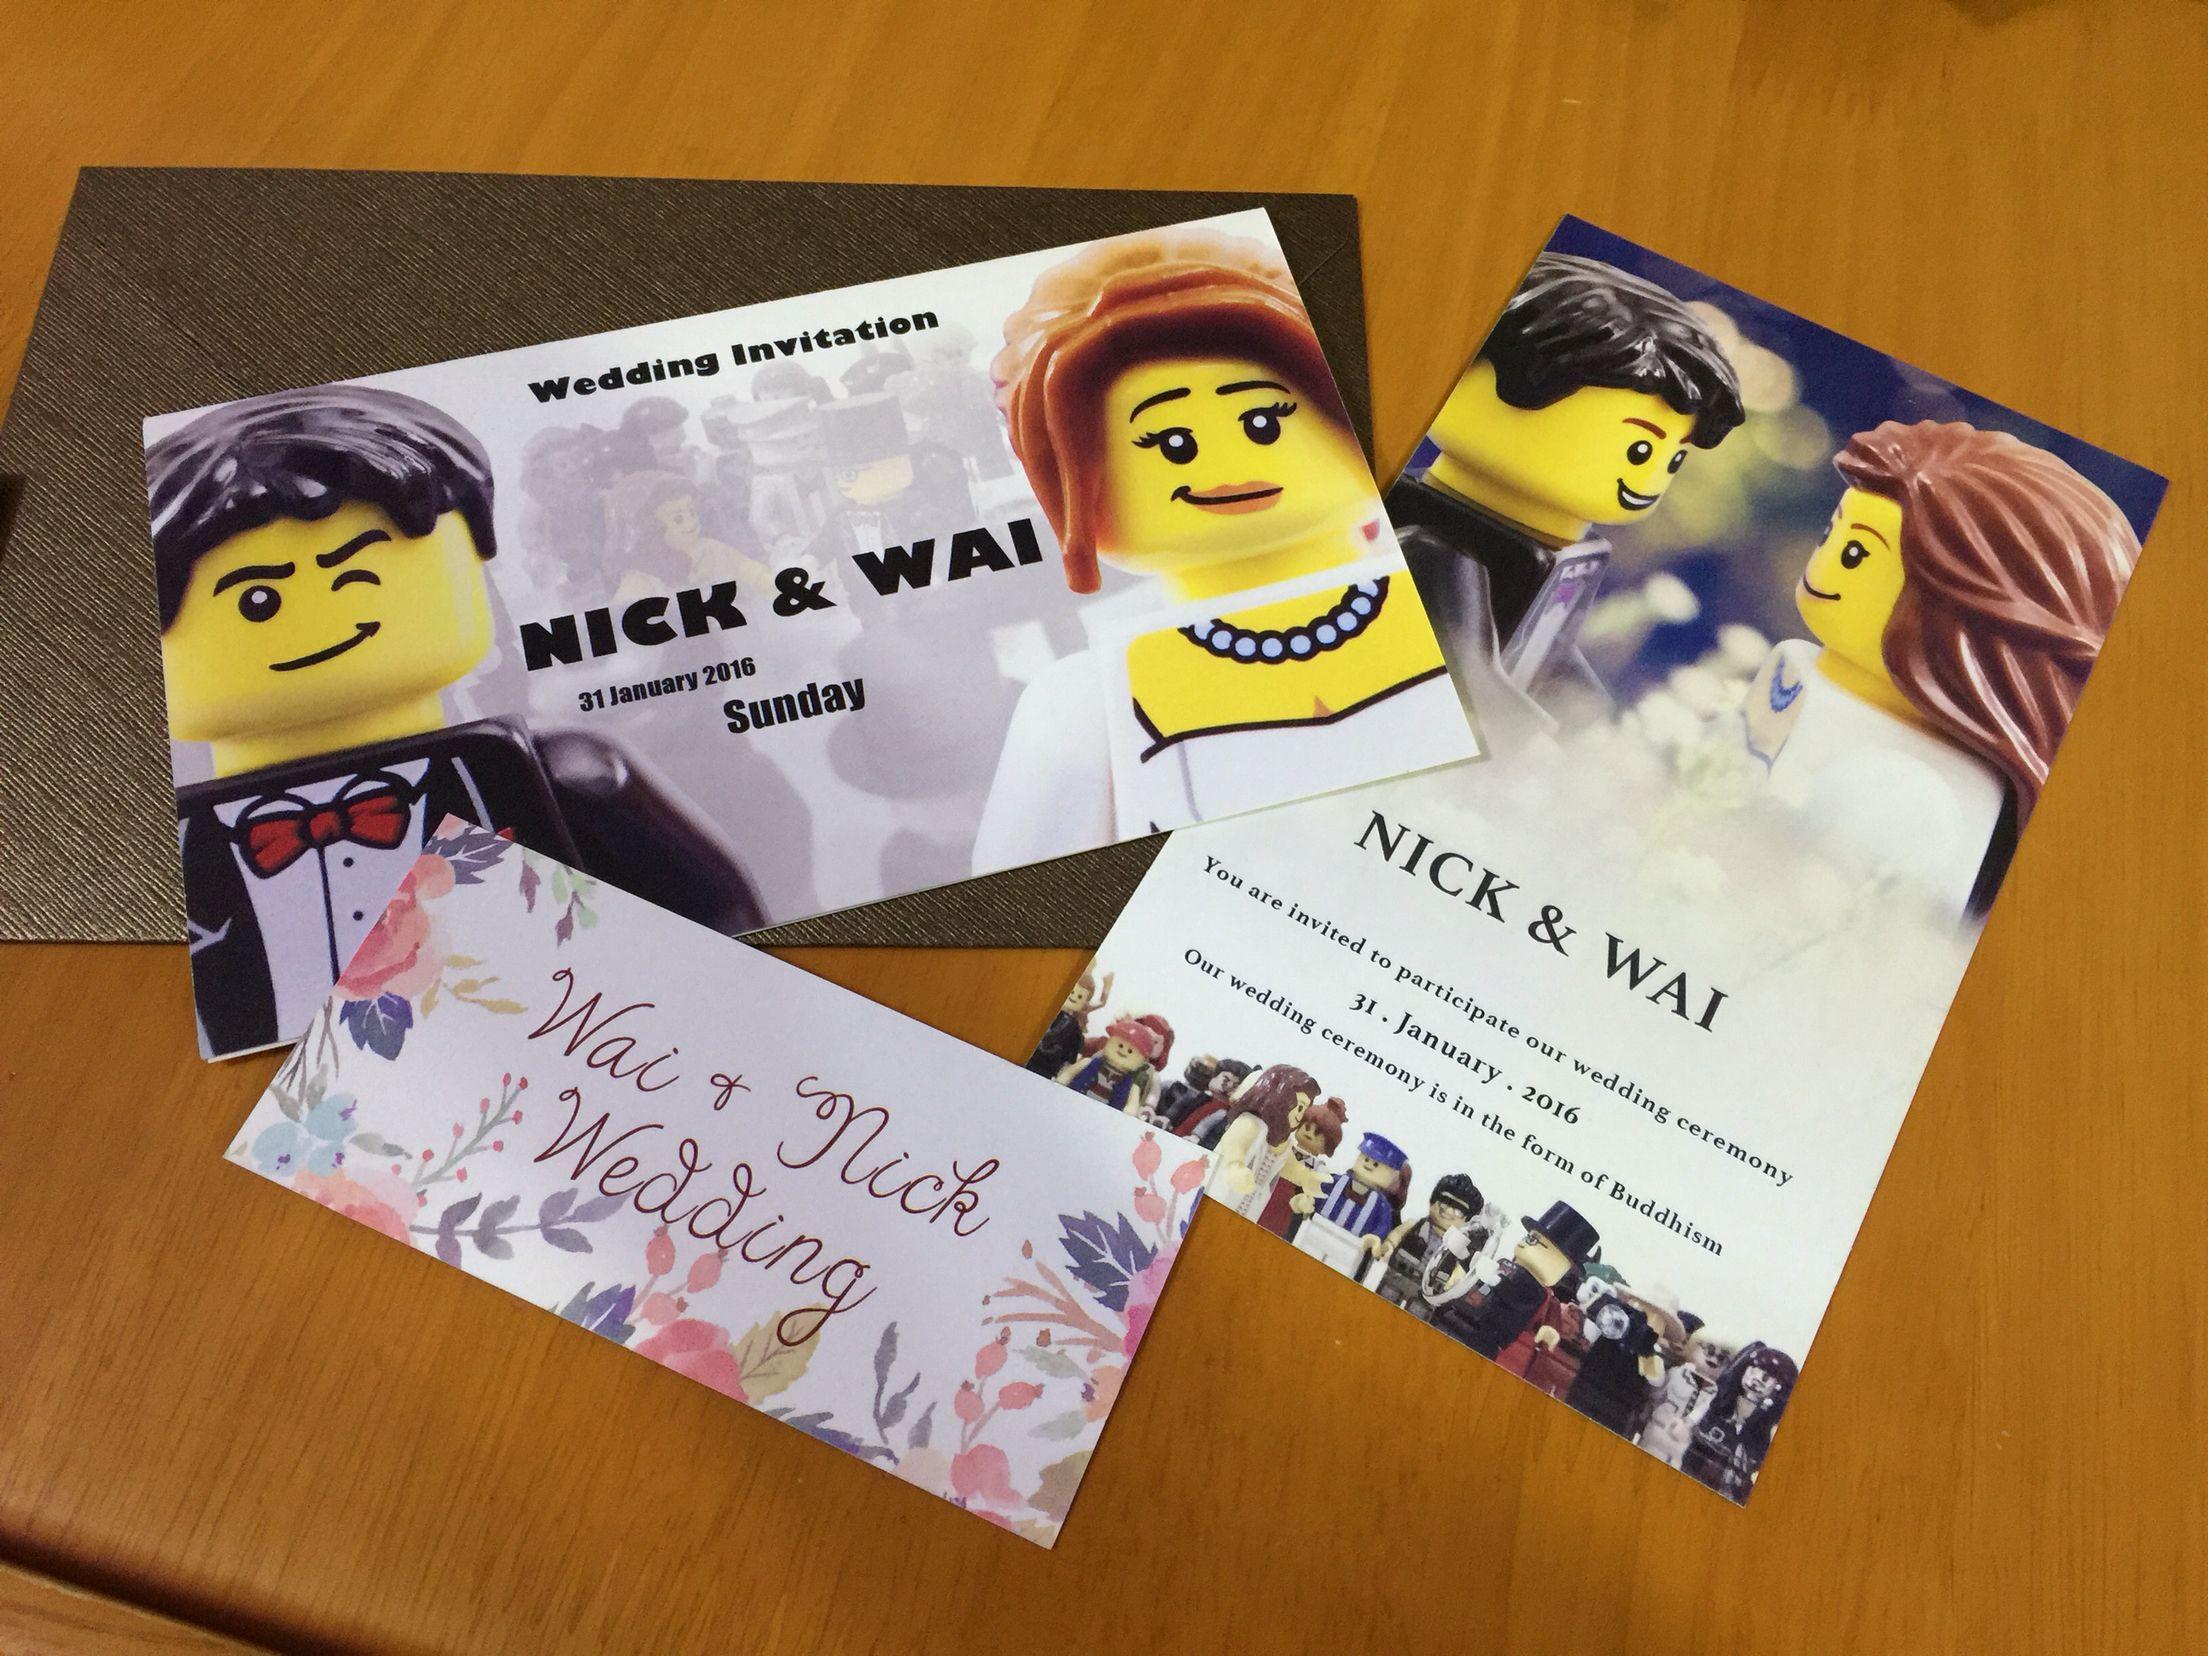 Pin By Chiu Wai Ip On Lego Wedding Geek